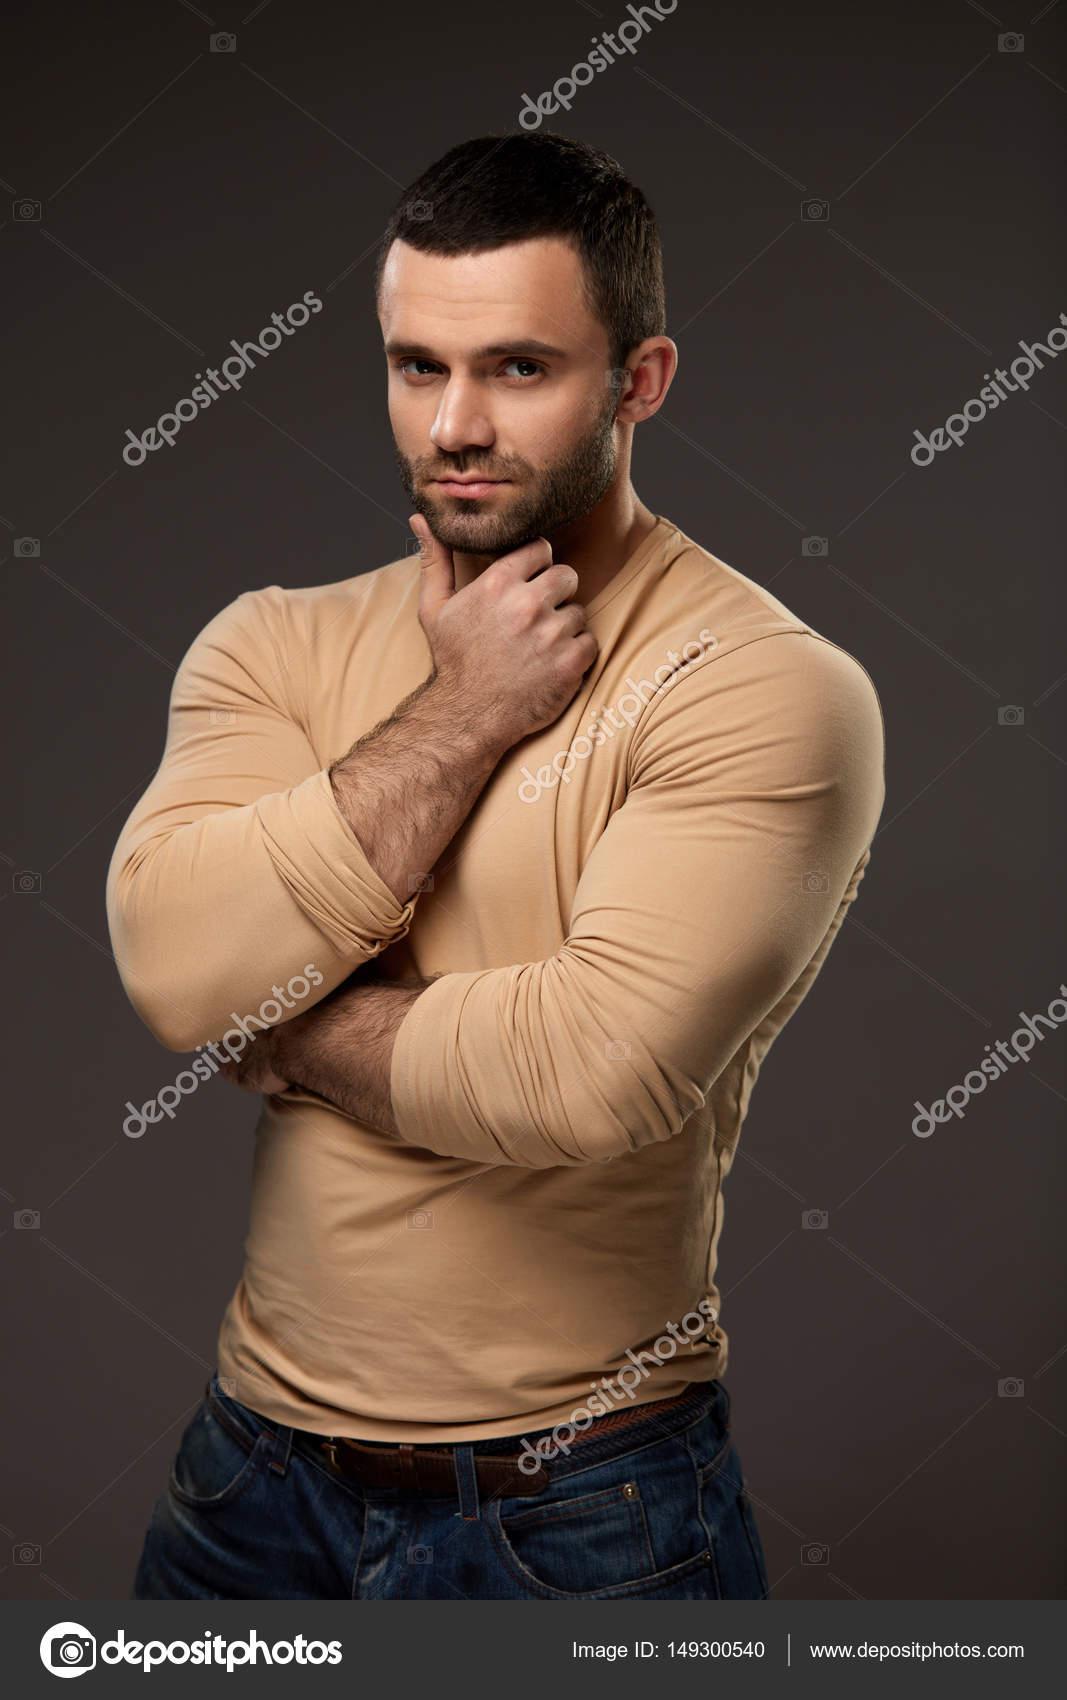 Мужские руки сексапильность